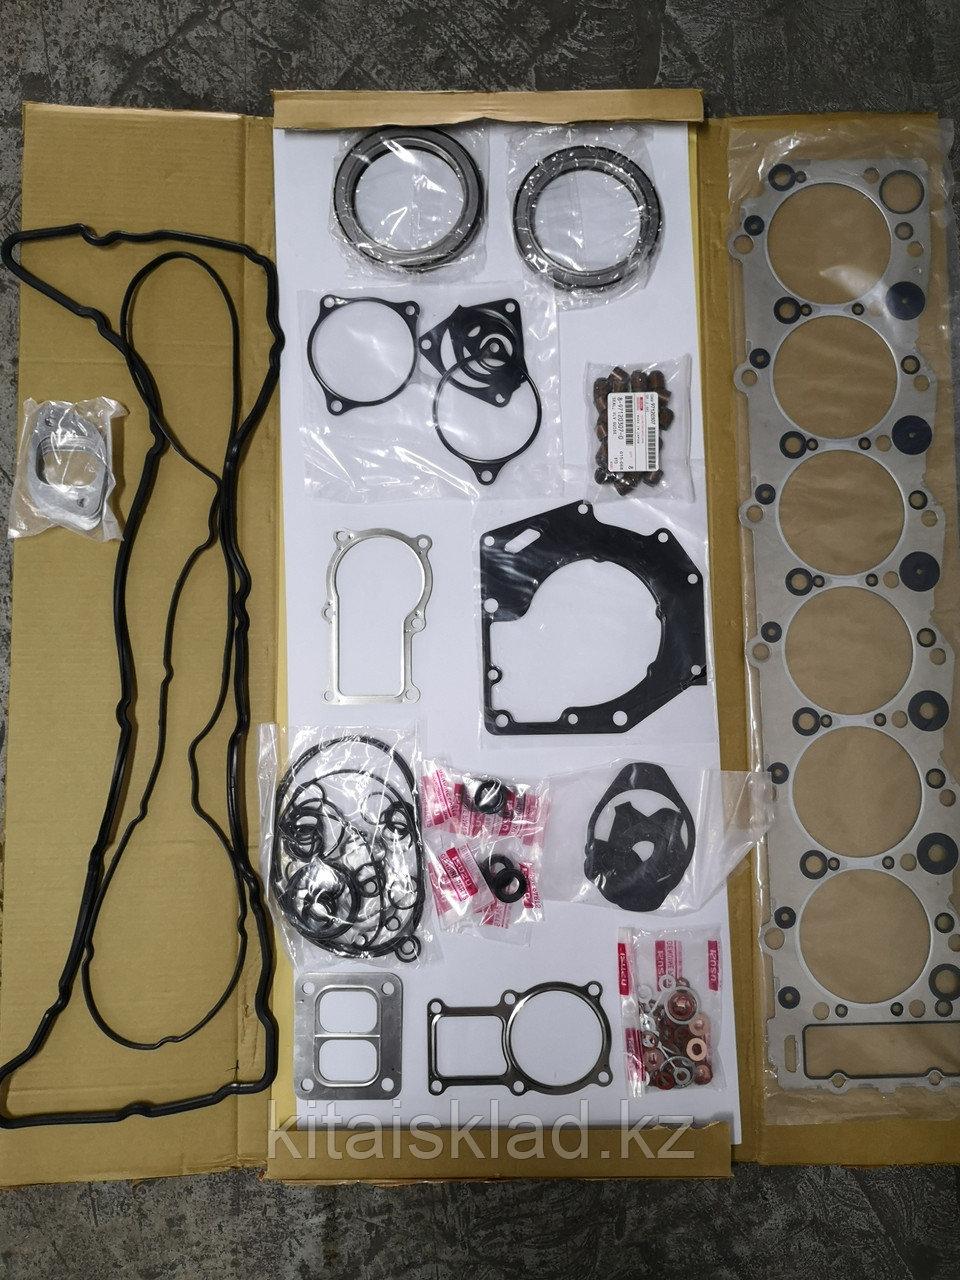 Ремкомплект прокладок двигателя Isuzu 6HK1-XQP (электронный впрыск), 1-87813293-0